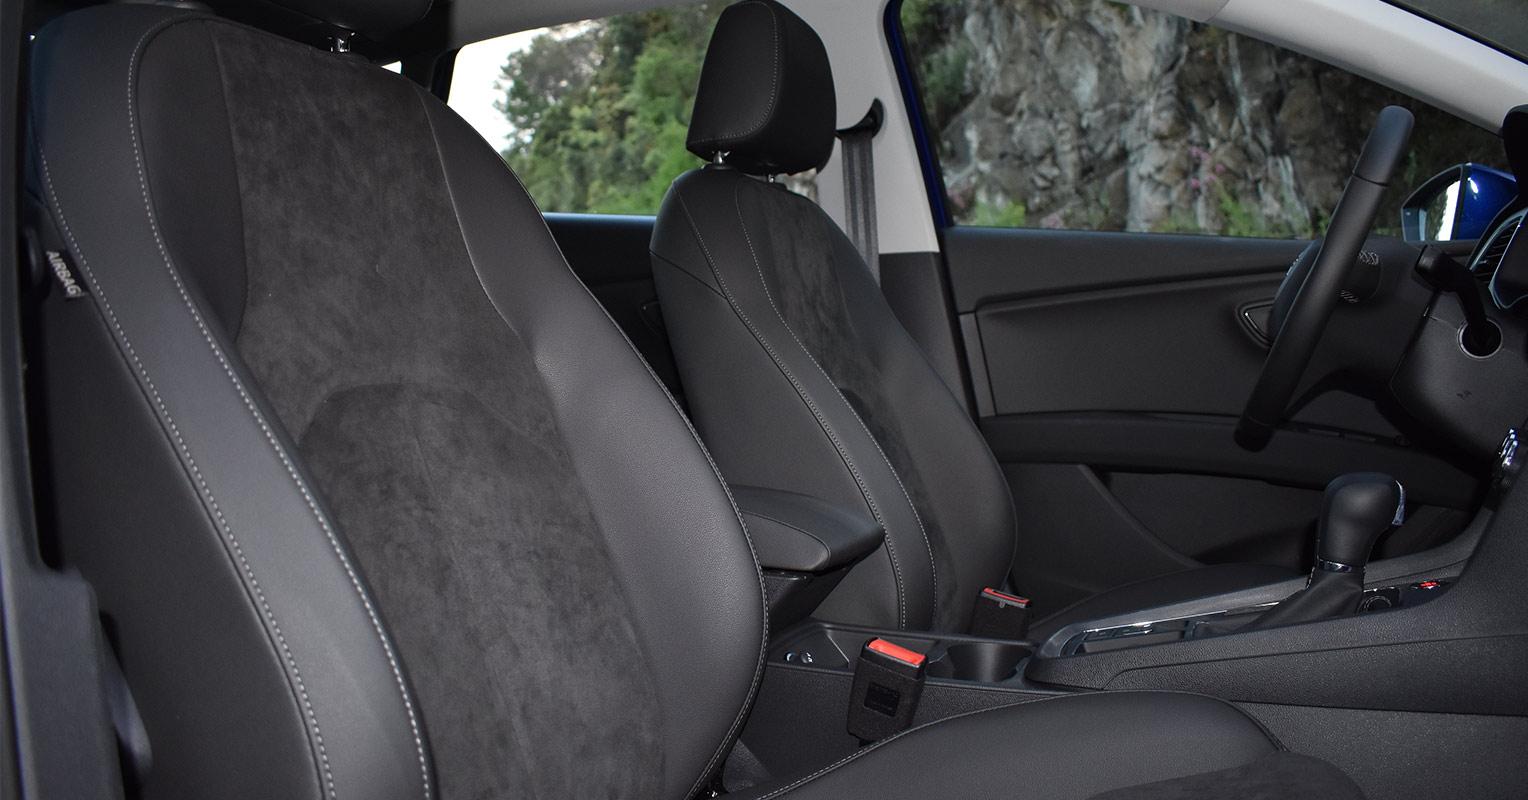 Asientos delanteros del SEAT León 2018